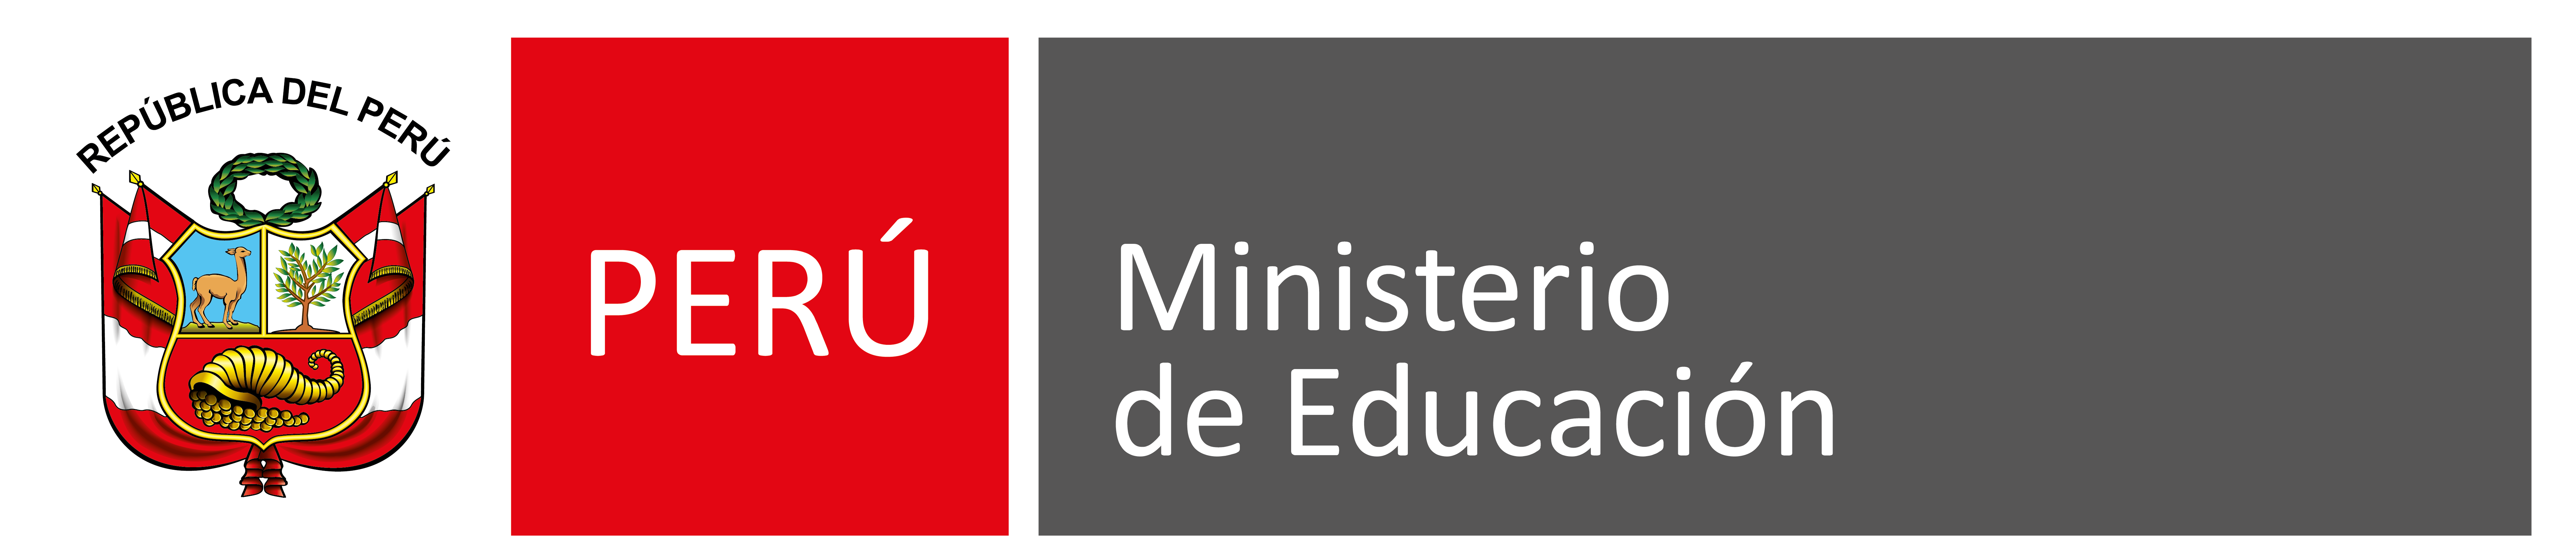 File logo del ministerio de educaci n del per minedu for Ministerio educacion exterior